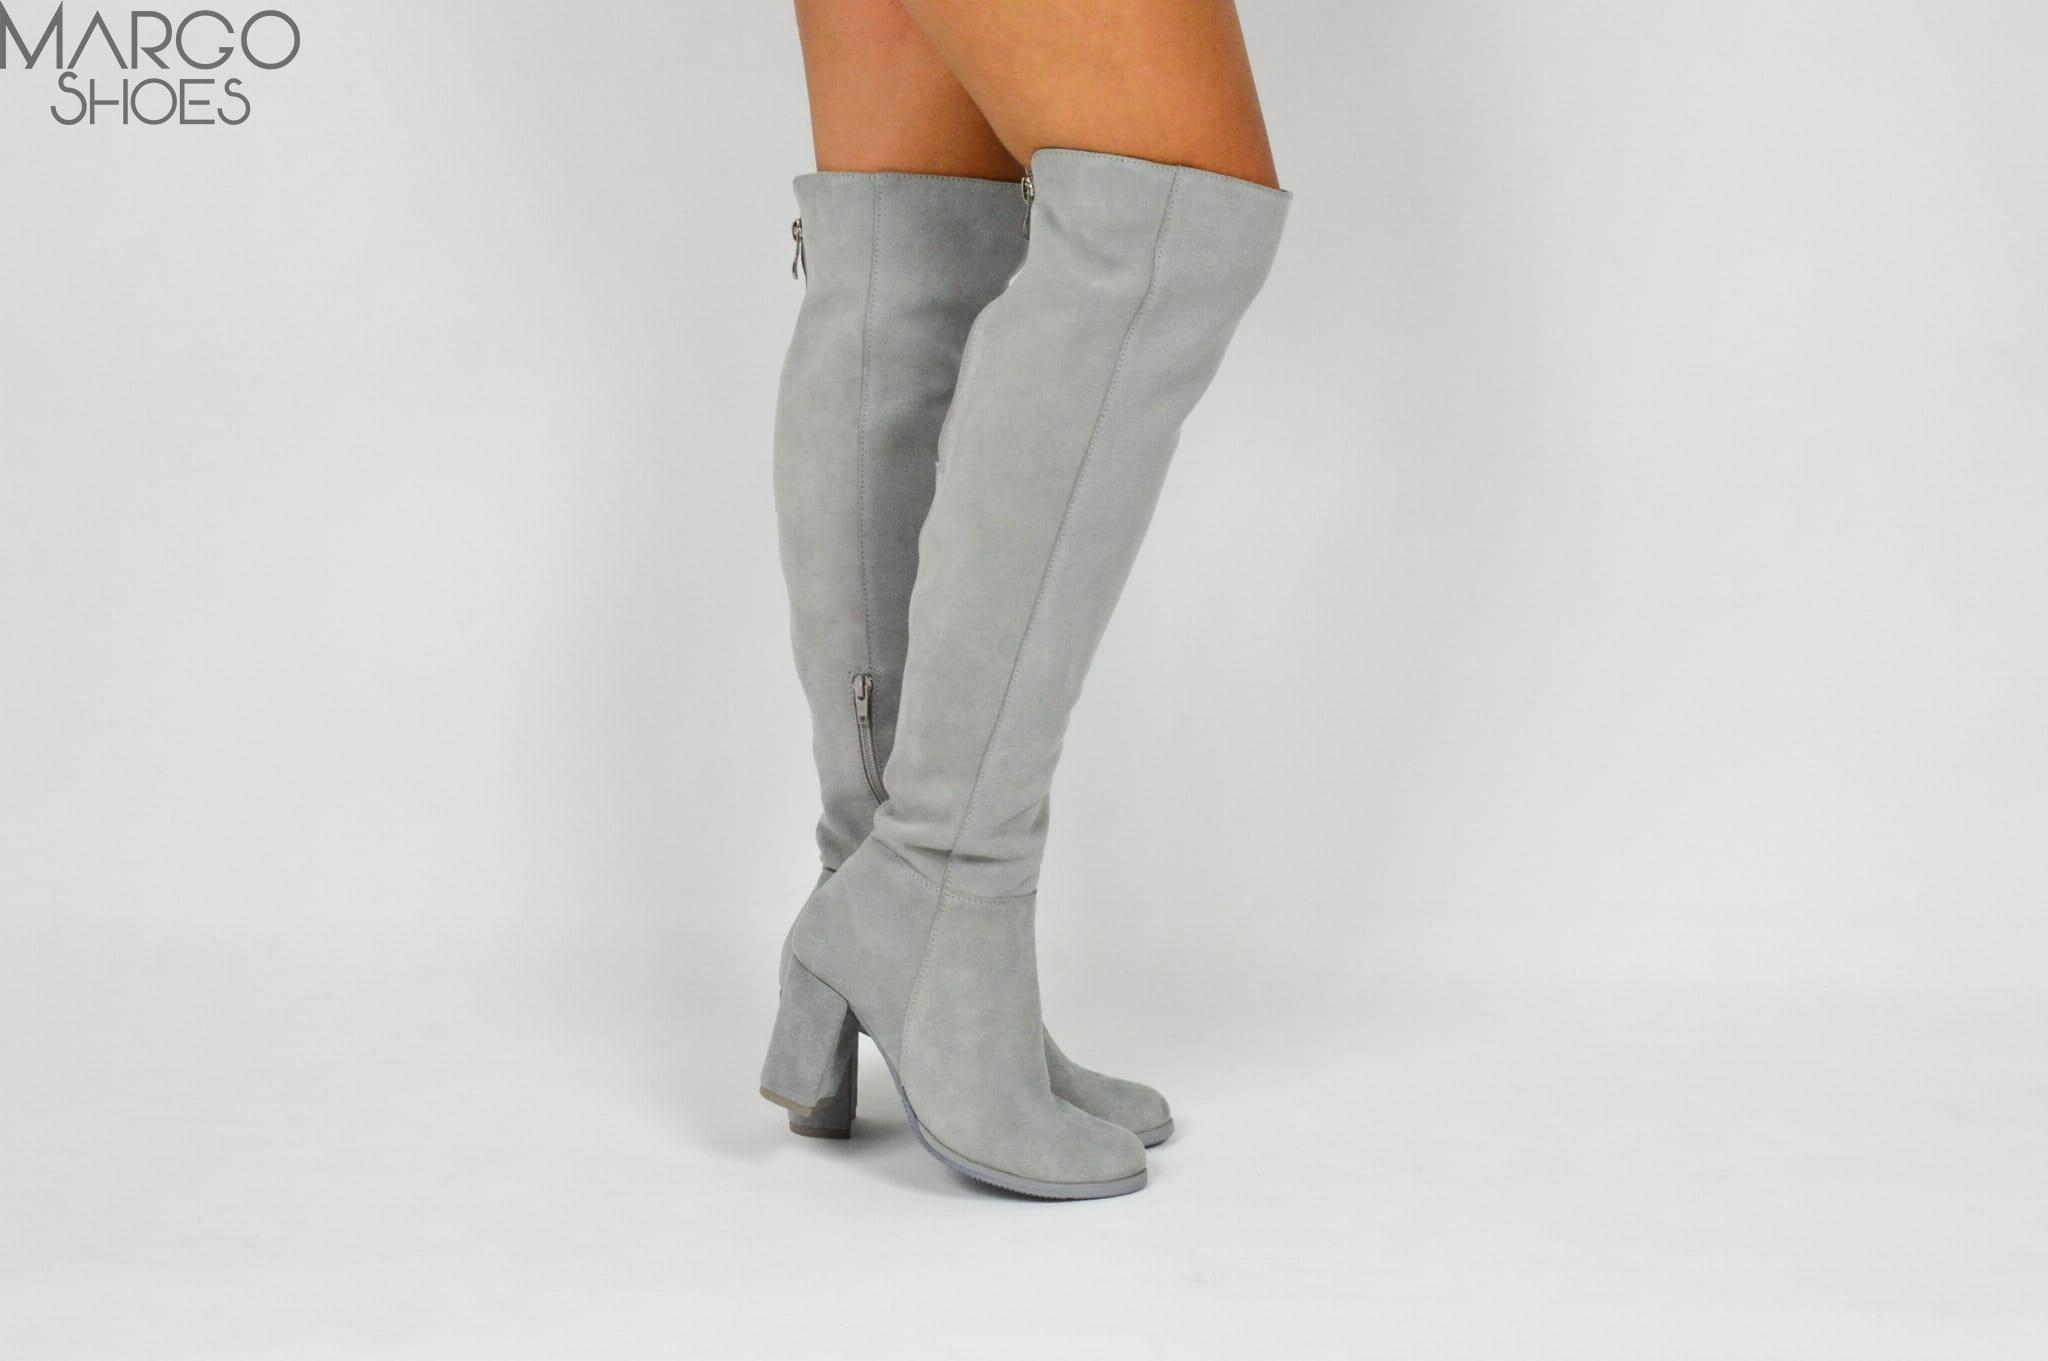 aff9492b57604 MargoShoes szare skórzane kozaki na obcasie słupku za kolano ...